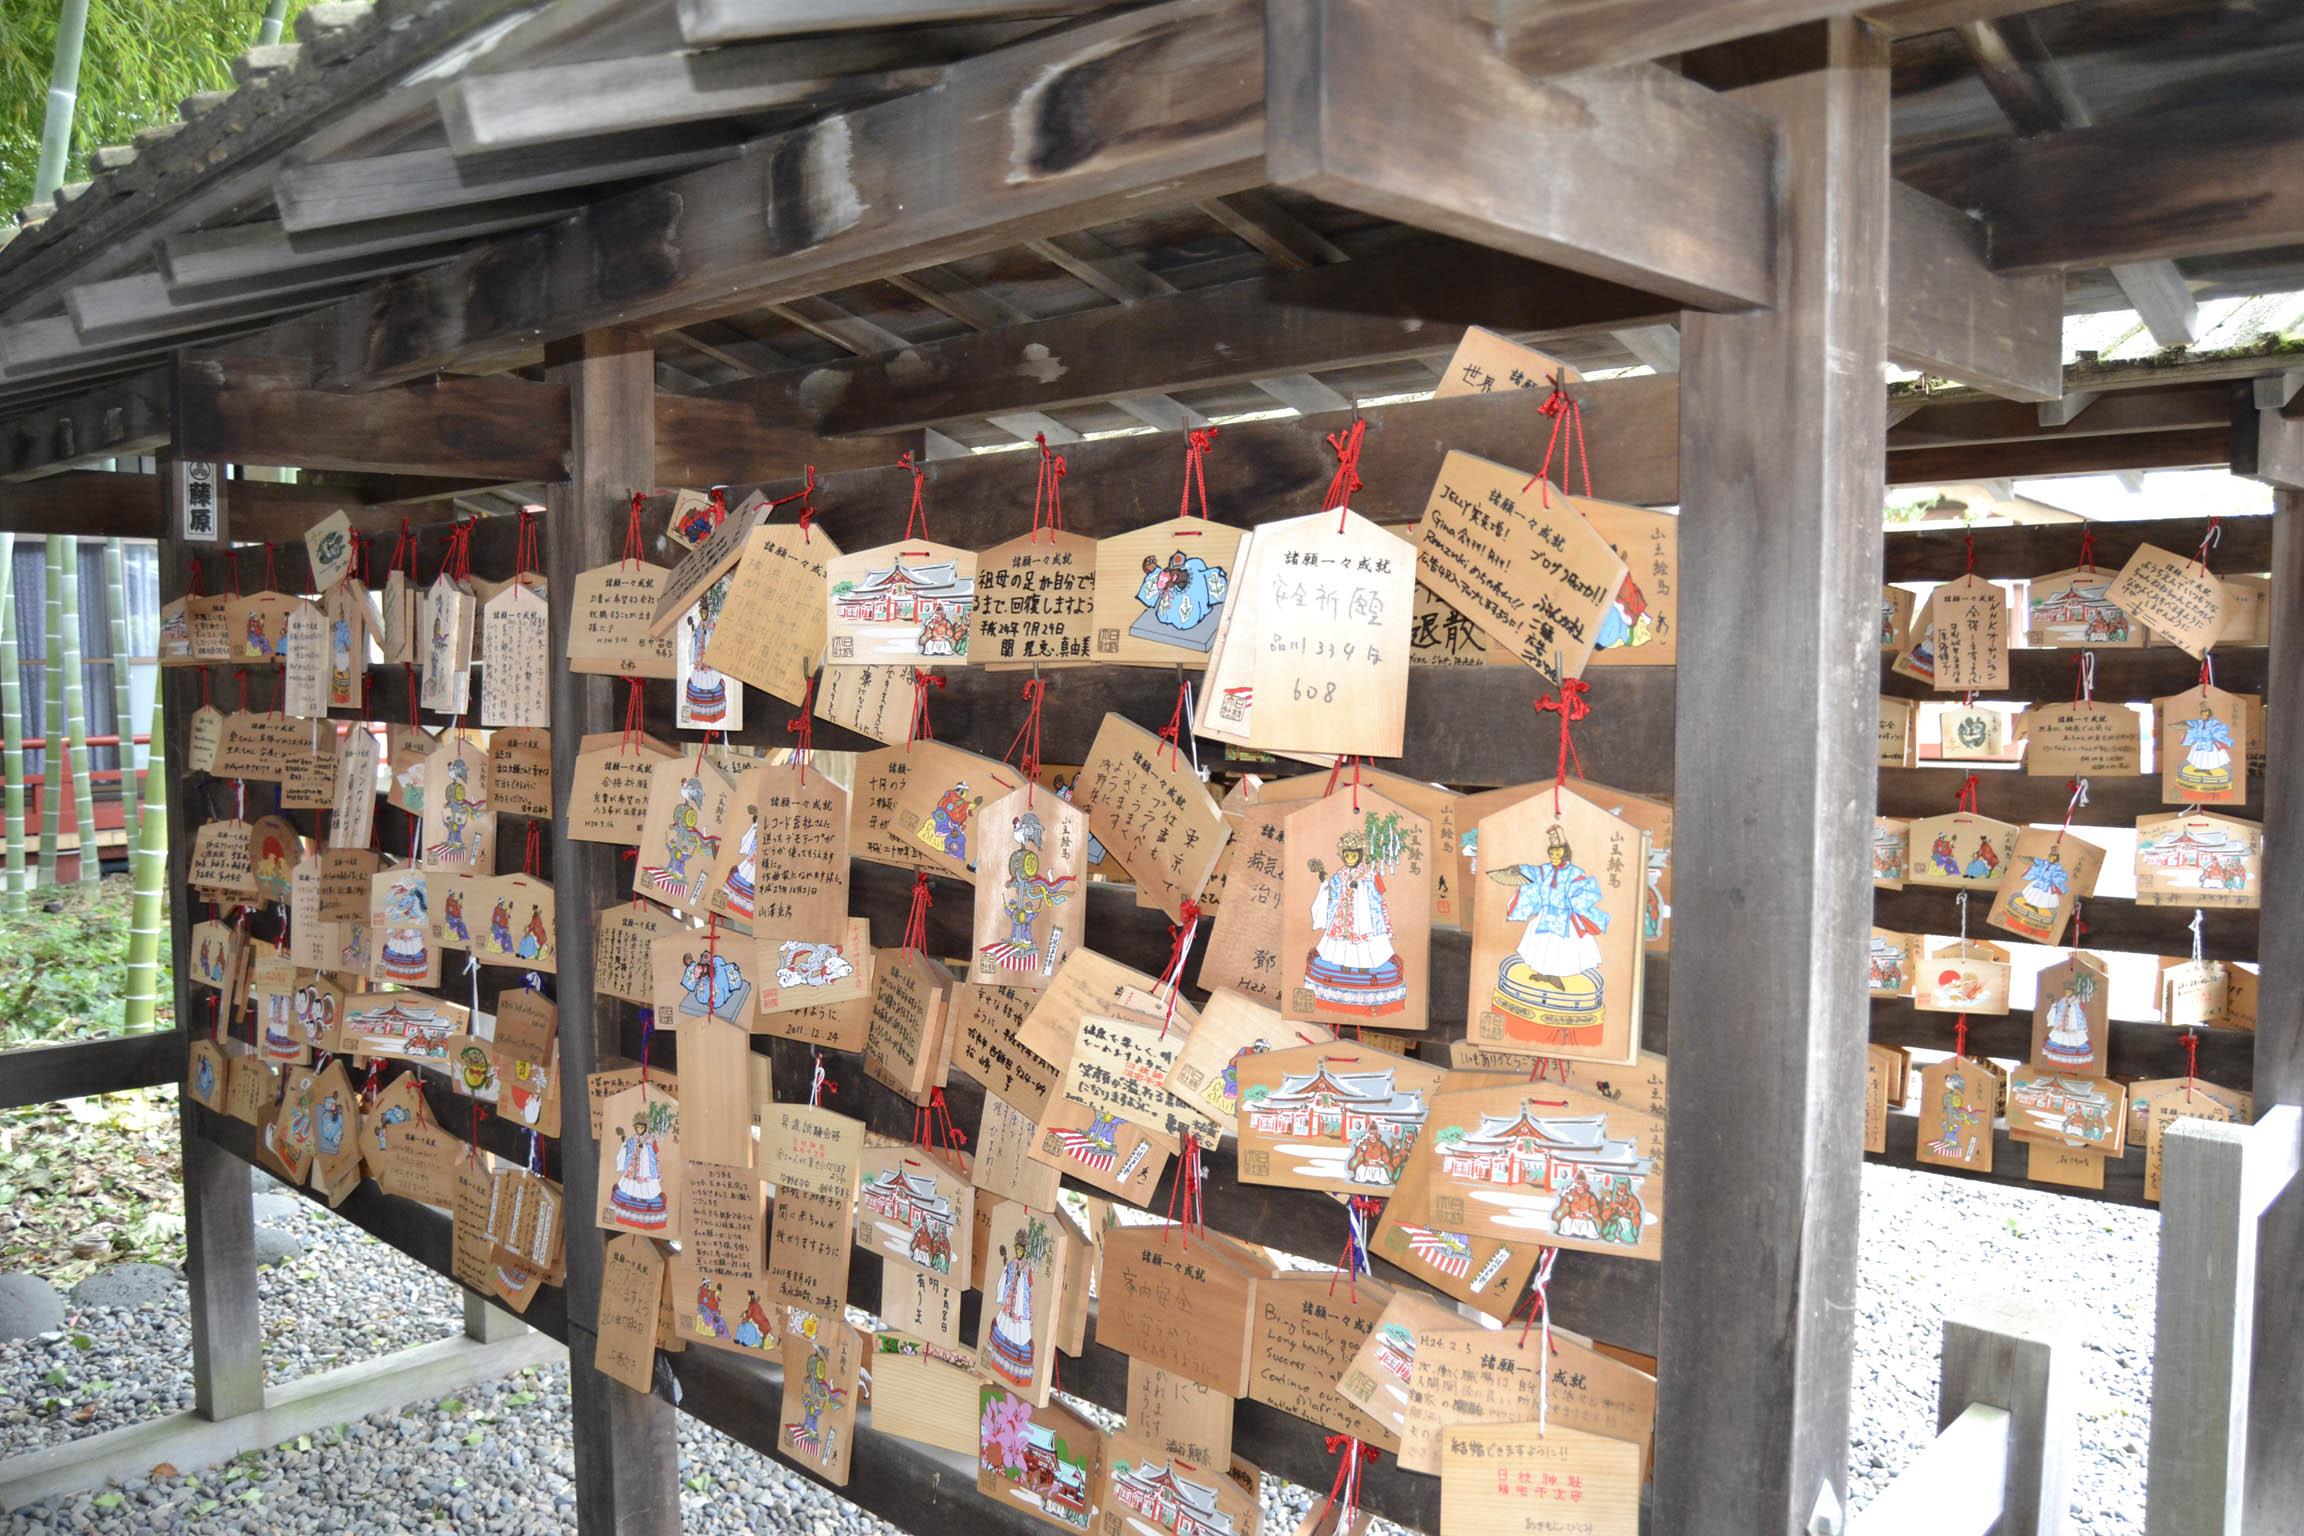 Las tablillas de madera ema viajes de ark for Las tablillas